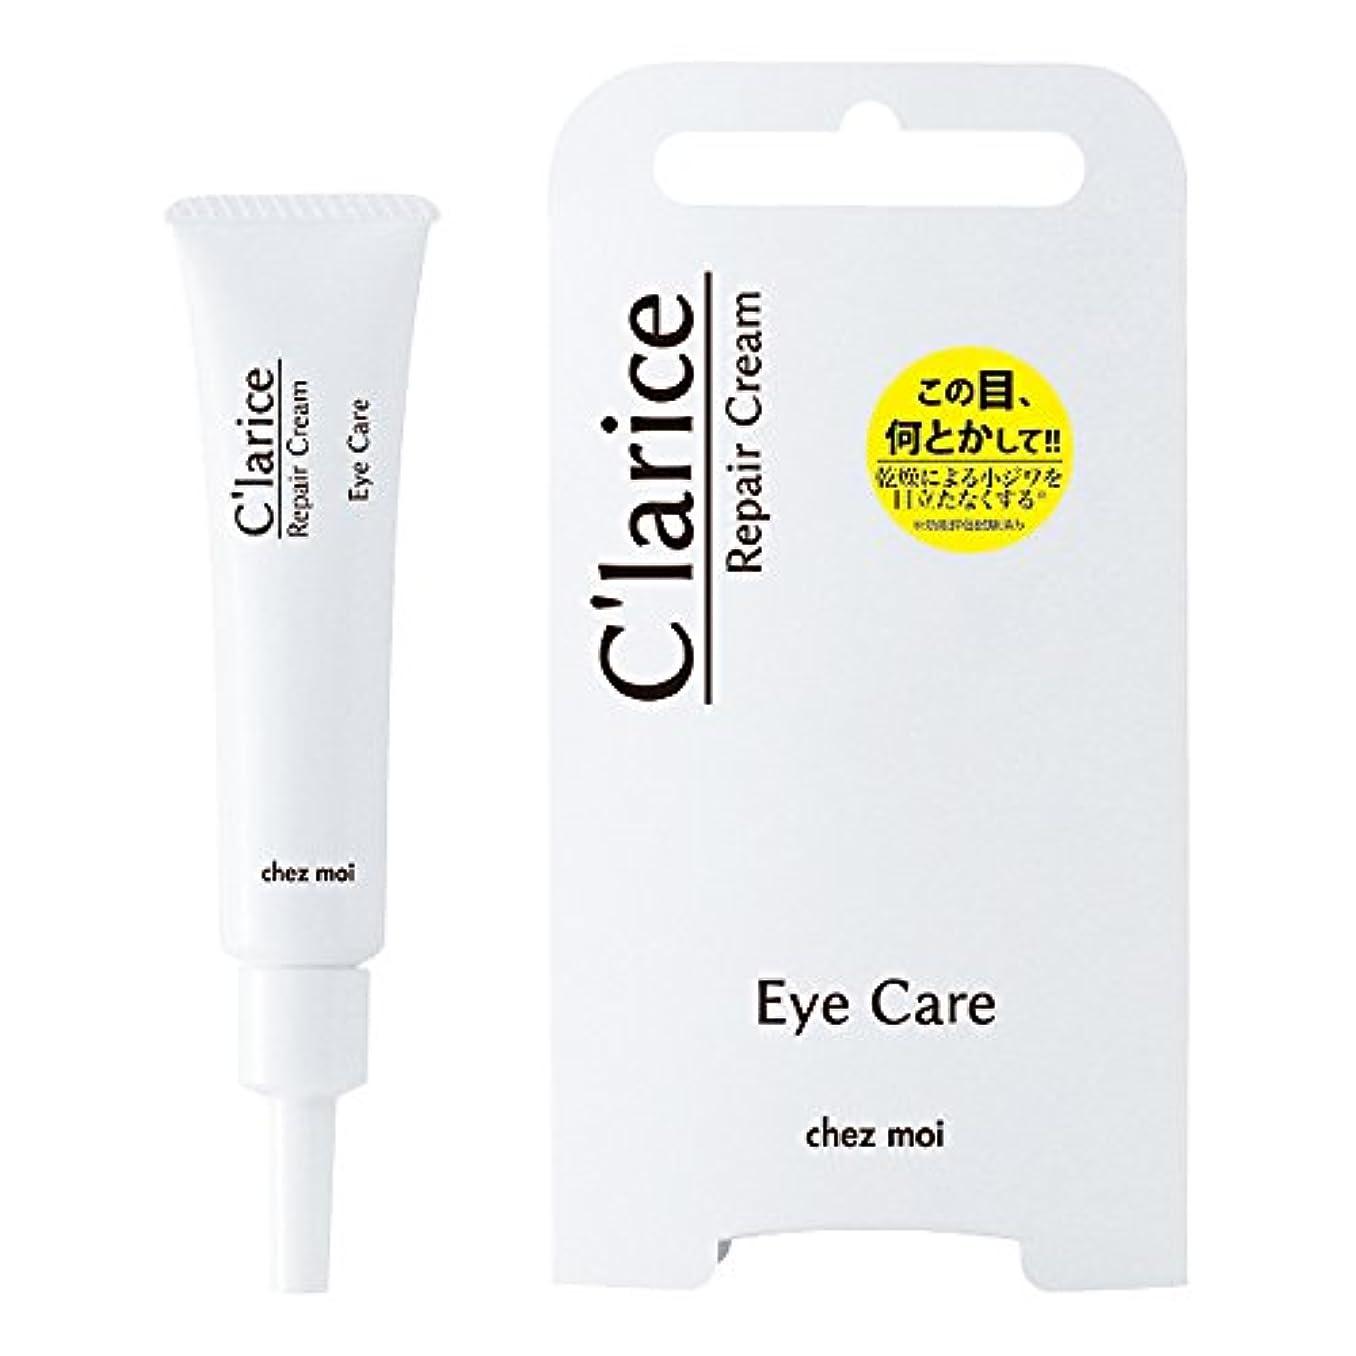 違反アーカイブ透けるシェモア C'larice(クラリス) Repair Cream 15g